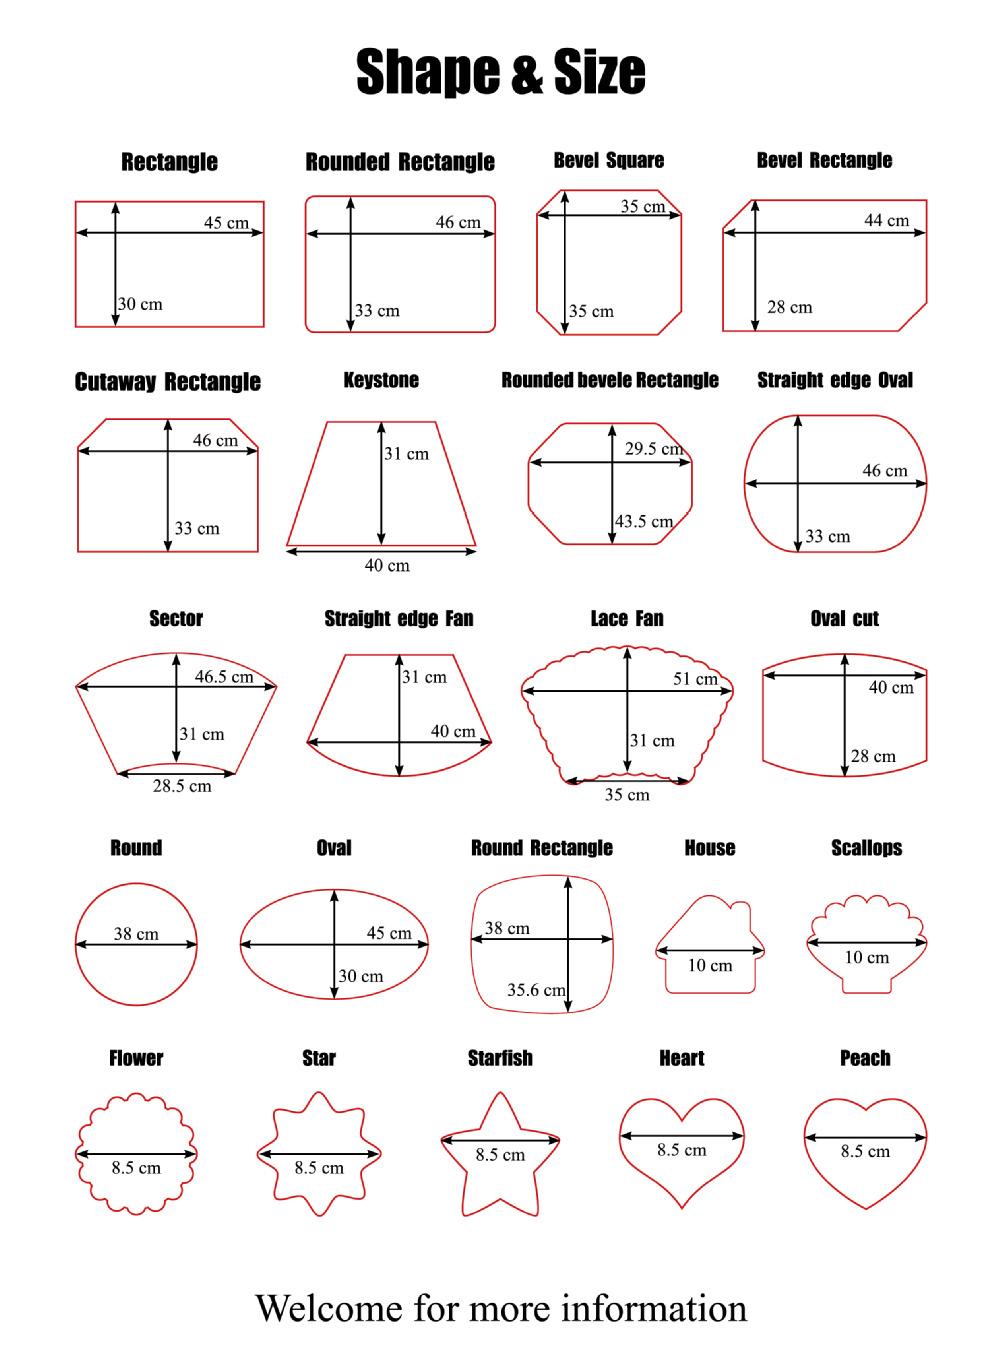 Dishwasherable Silicone Table Placemat Buy  : HTB1QOW0GXXXXXXYXpXXq6xXFXXXp from www.alibaba.com size 1000 x 1366 jpeg 234kB